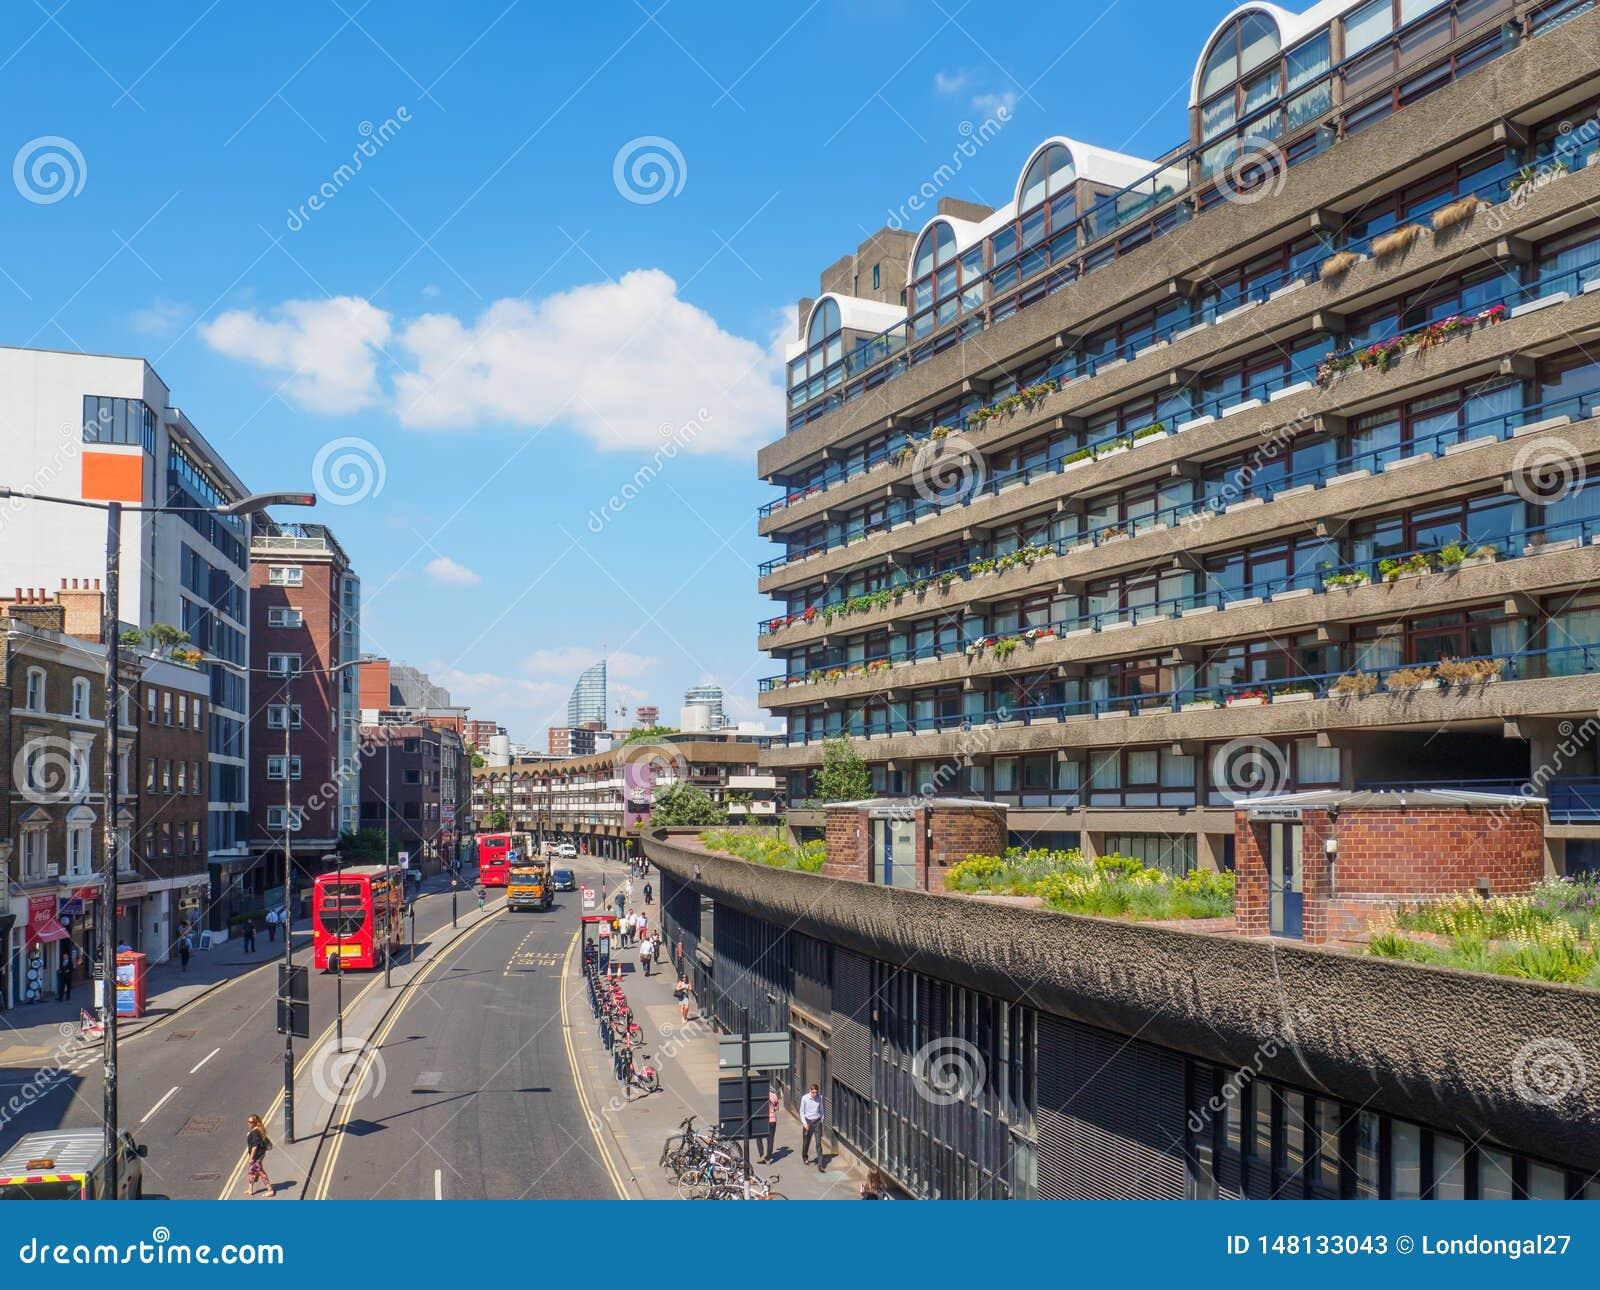 Le centre de barbacane ? Londres est l un des exemples les plus populaires et les plus c?l?bres de l architecture de Brutalist da